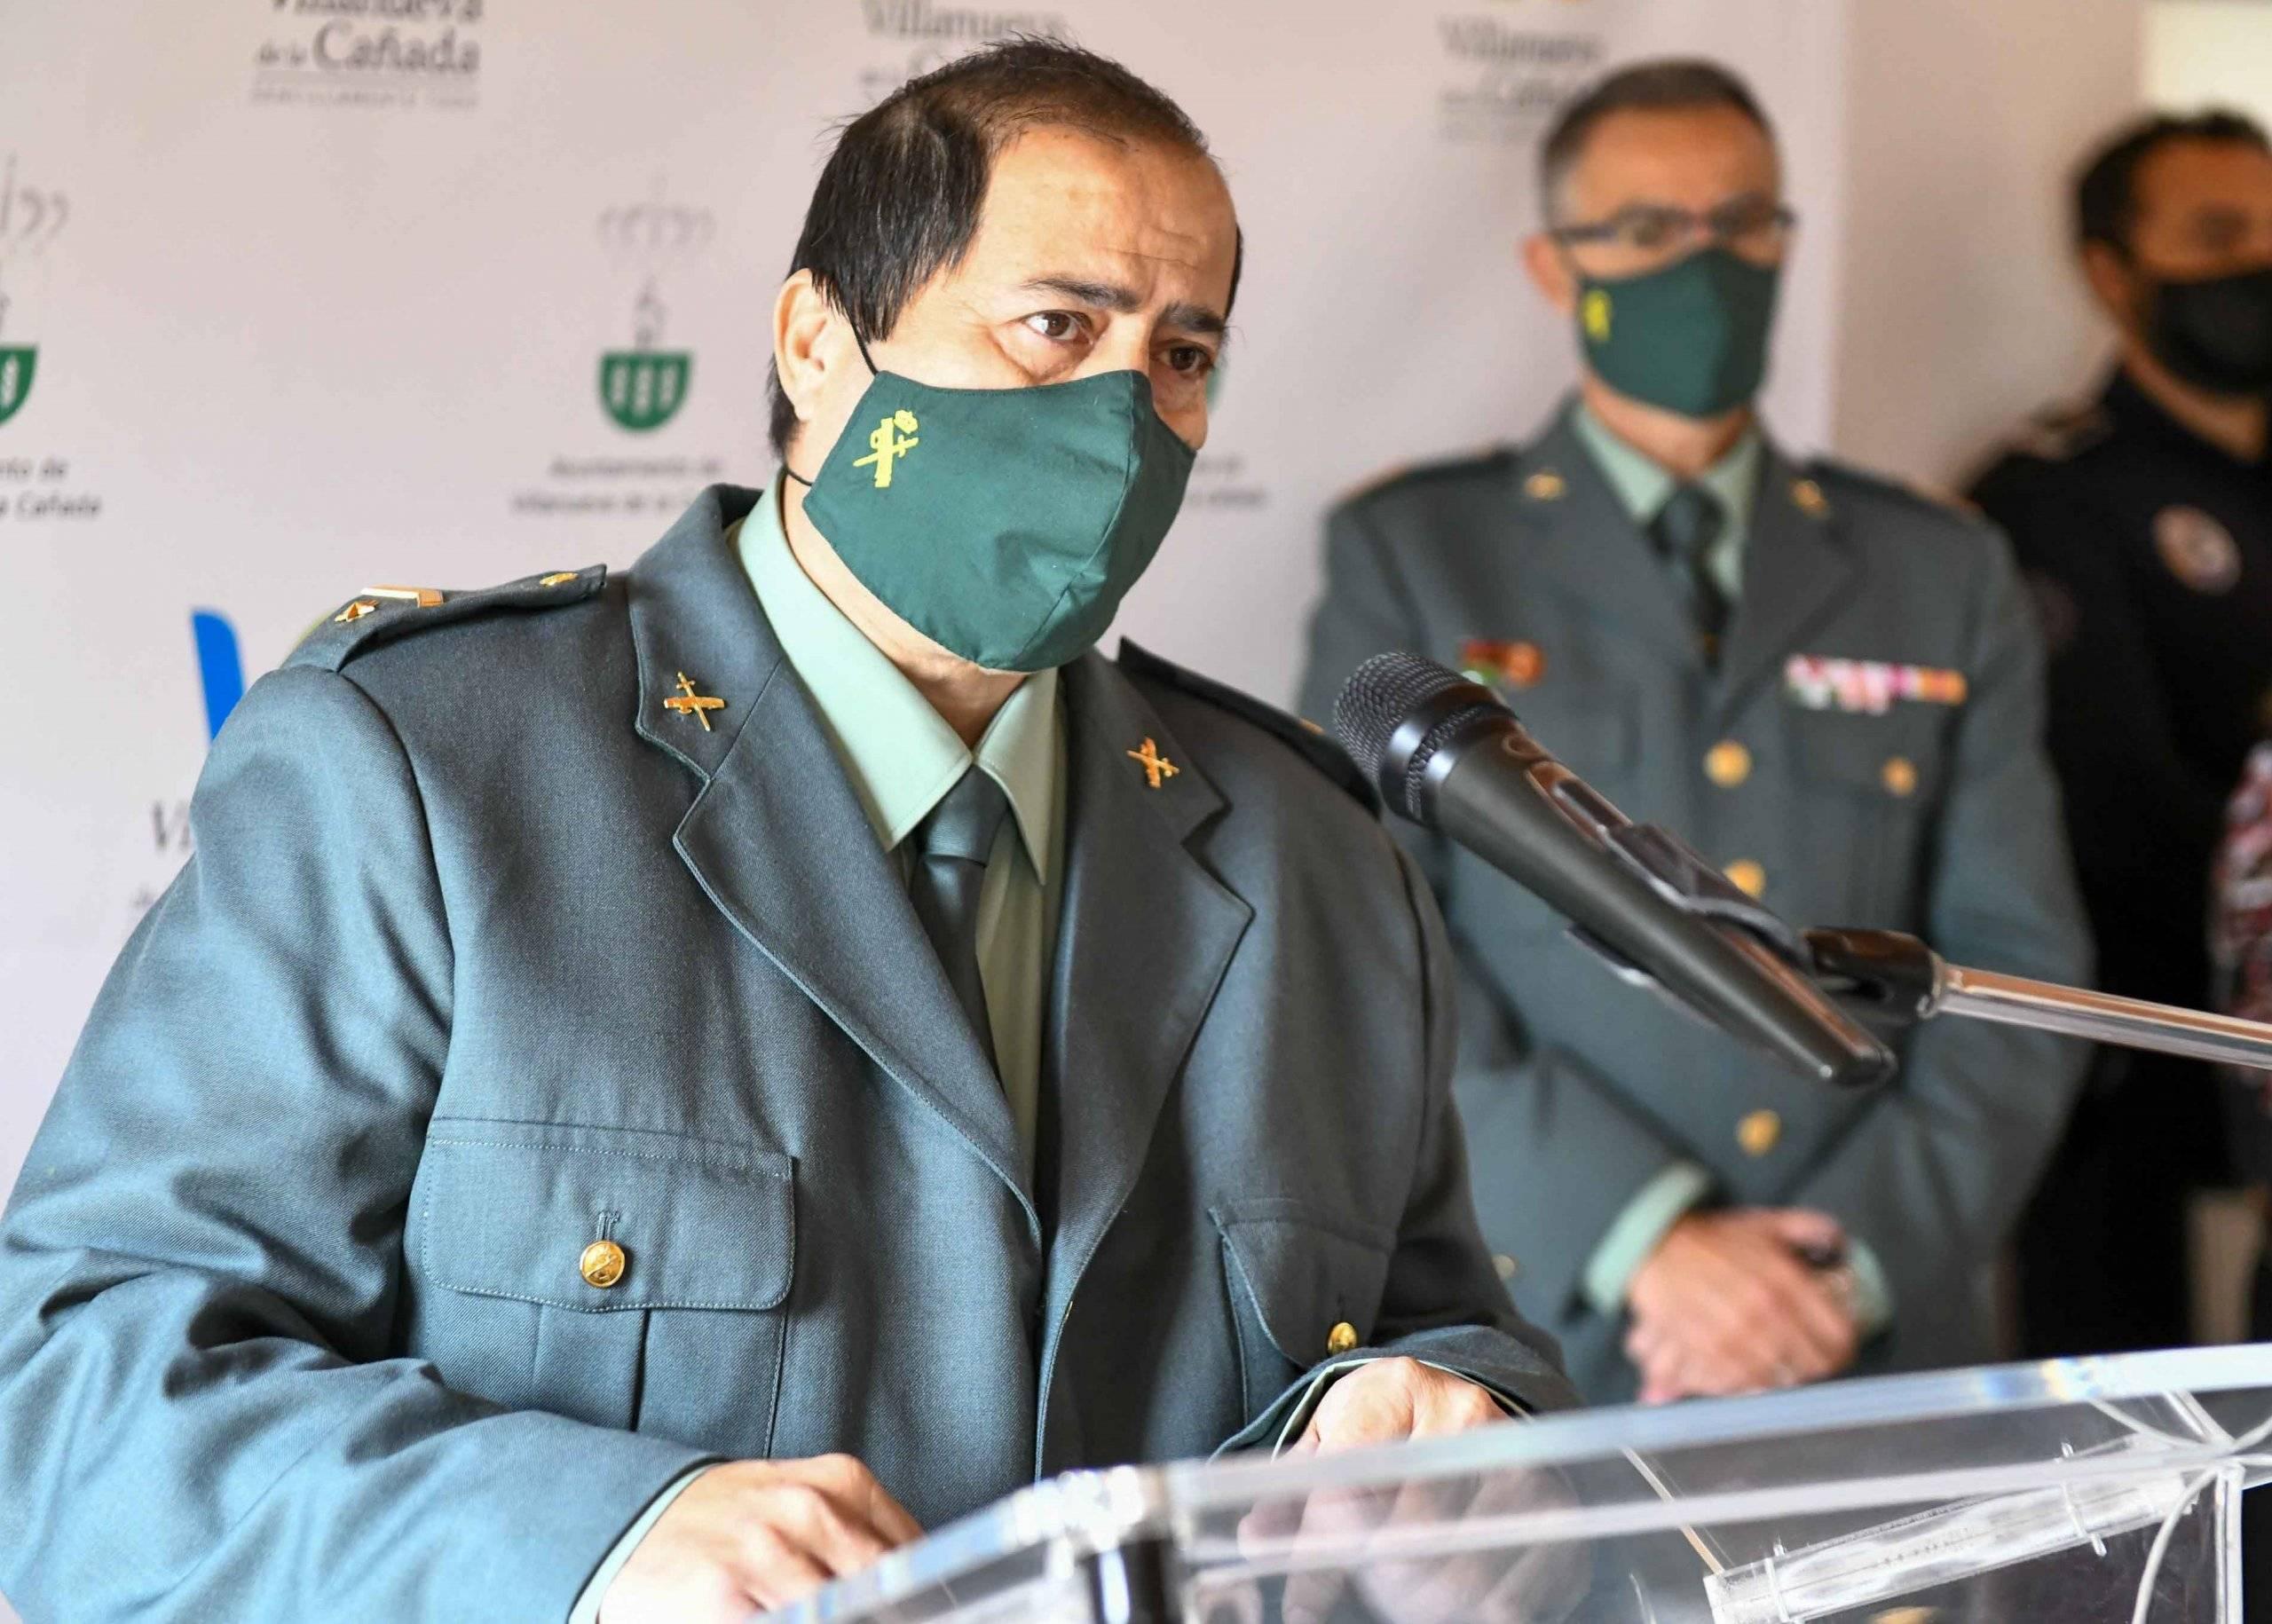 El subteniente de la Guardia Civil de Villanueva de la Cañada durante su intervención.